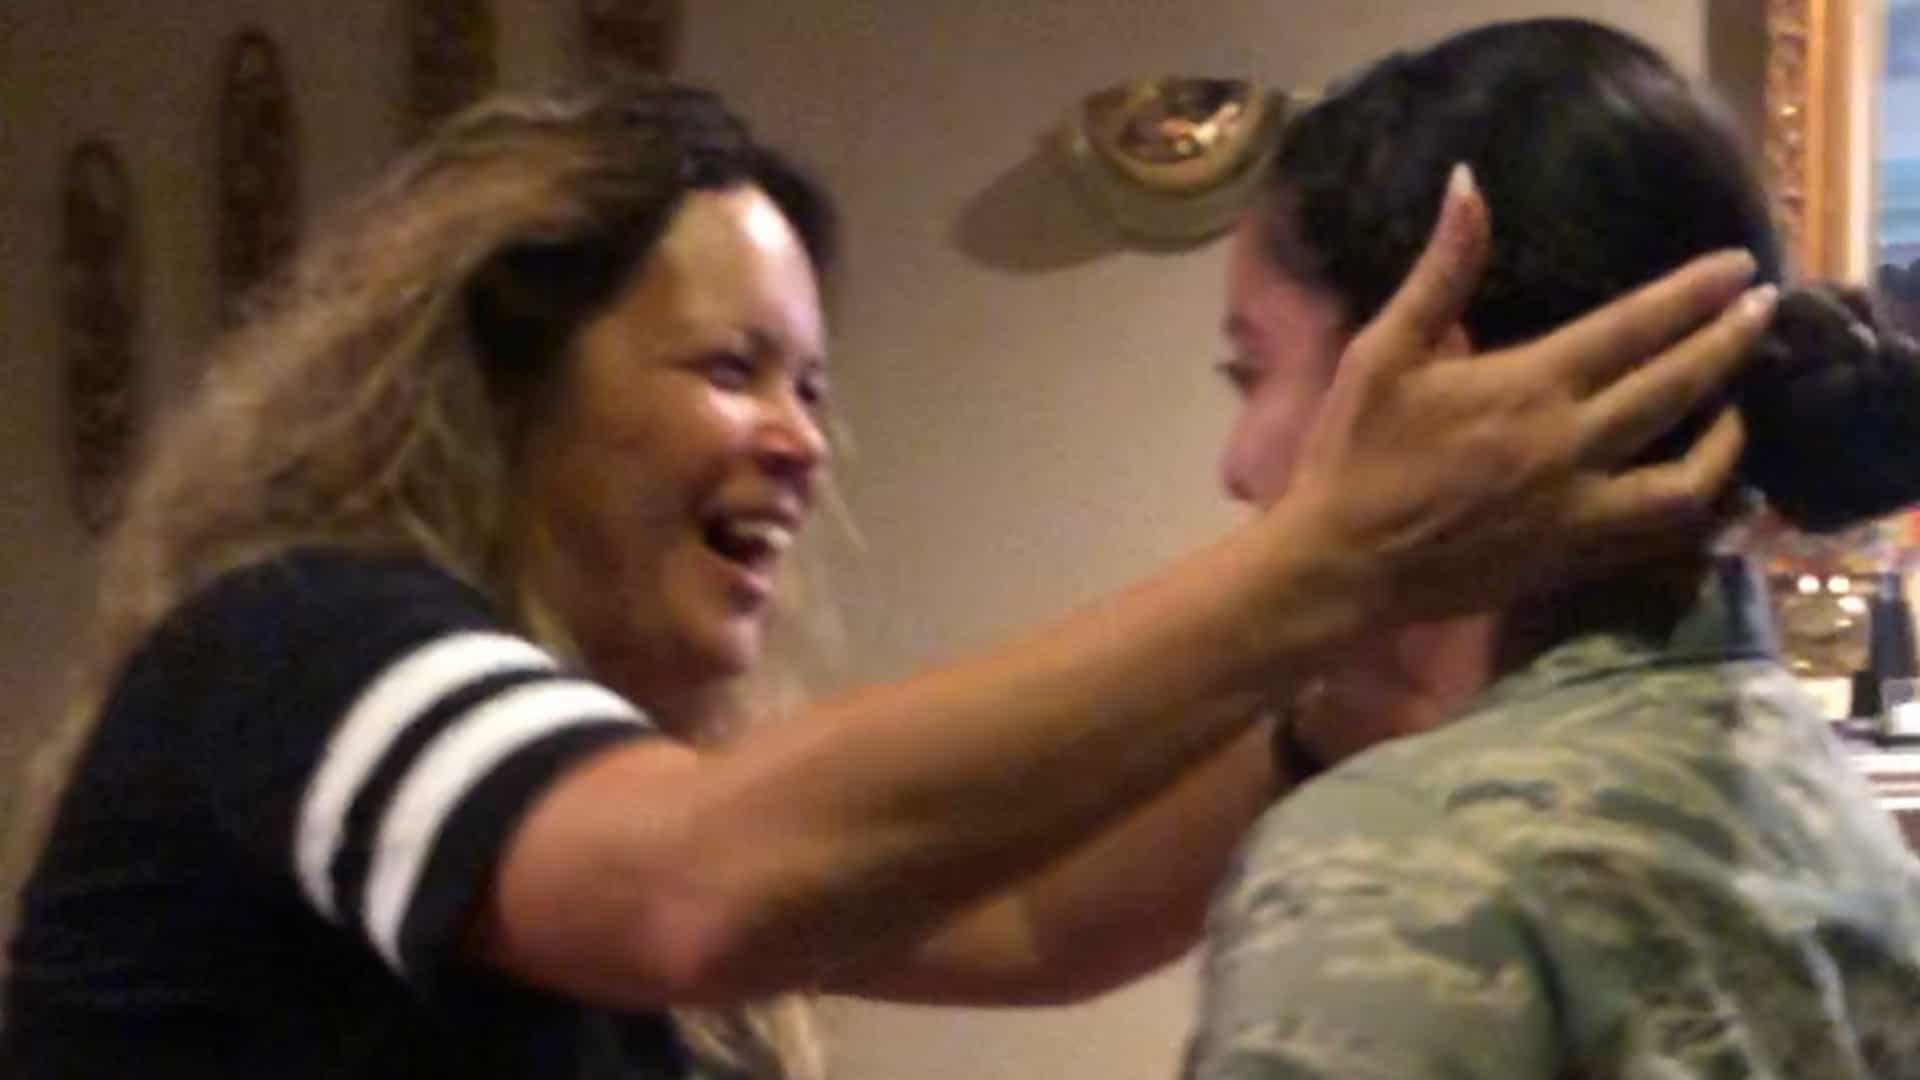 Filha militar faz surpresa emocionante à mãe ao retornar para casa